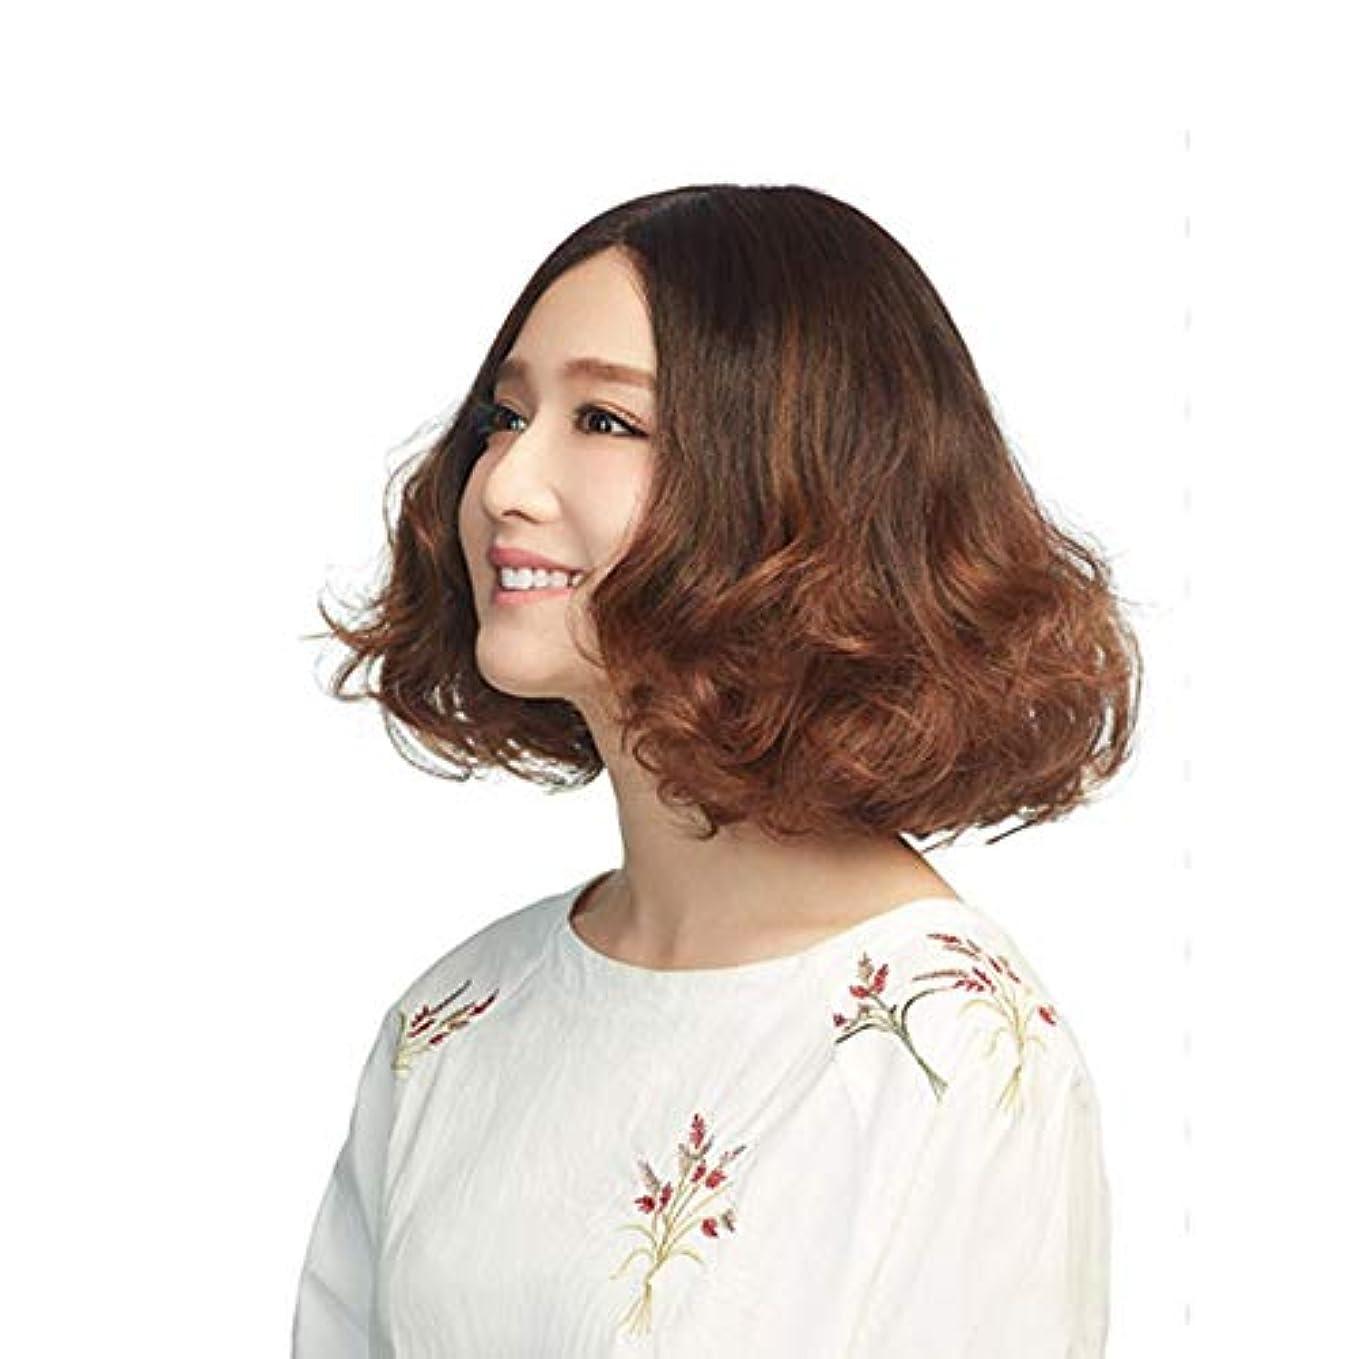 ふける宇宙飛行士プレゼンテーションYOUQIU 無料キャップウィッグを持つ女性の茶ショートカーリーヘアふわふわ人工毛 (色 : ブラウン)